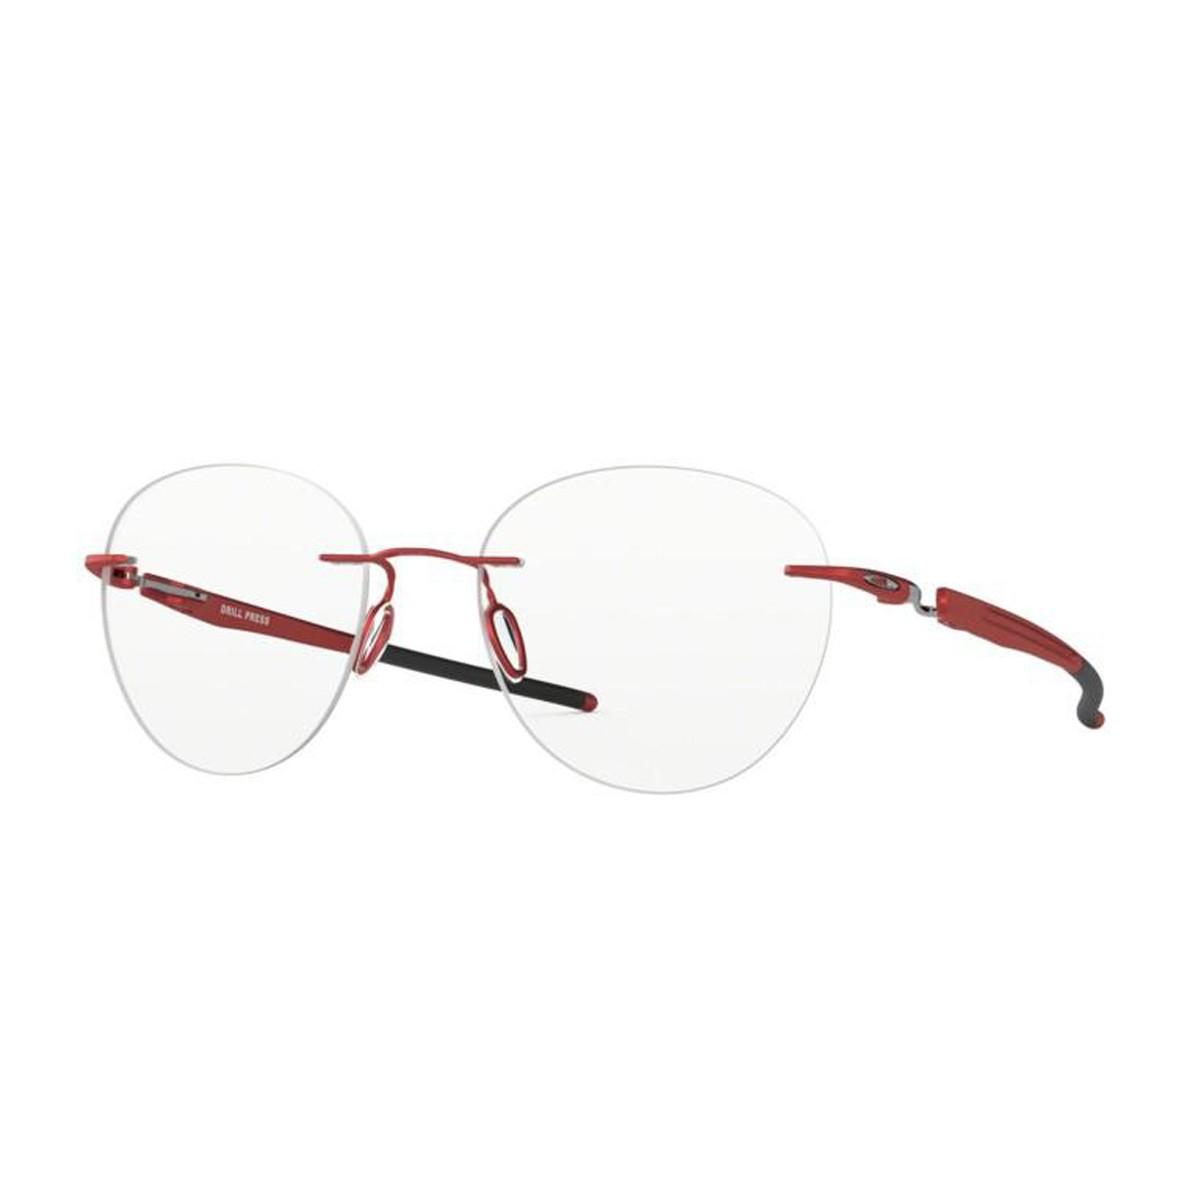 Oakley Drill Press OX5143 | Men's eyeglasses